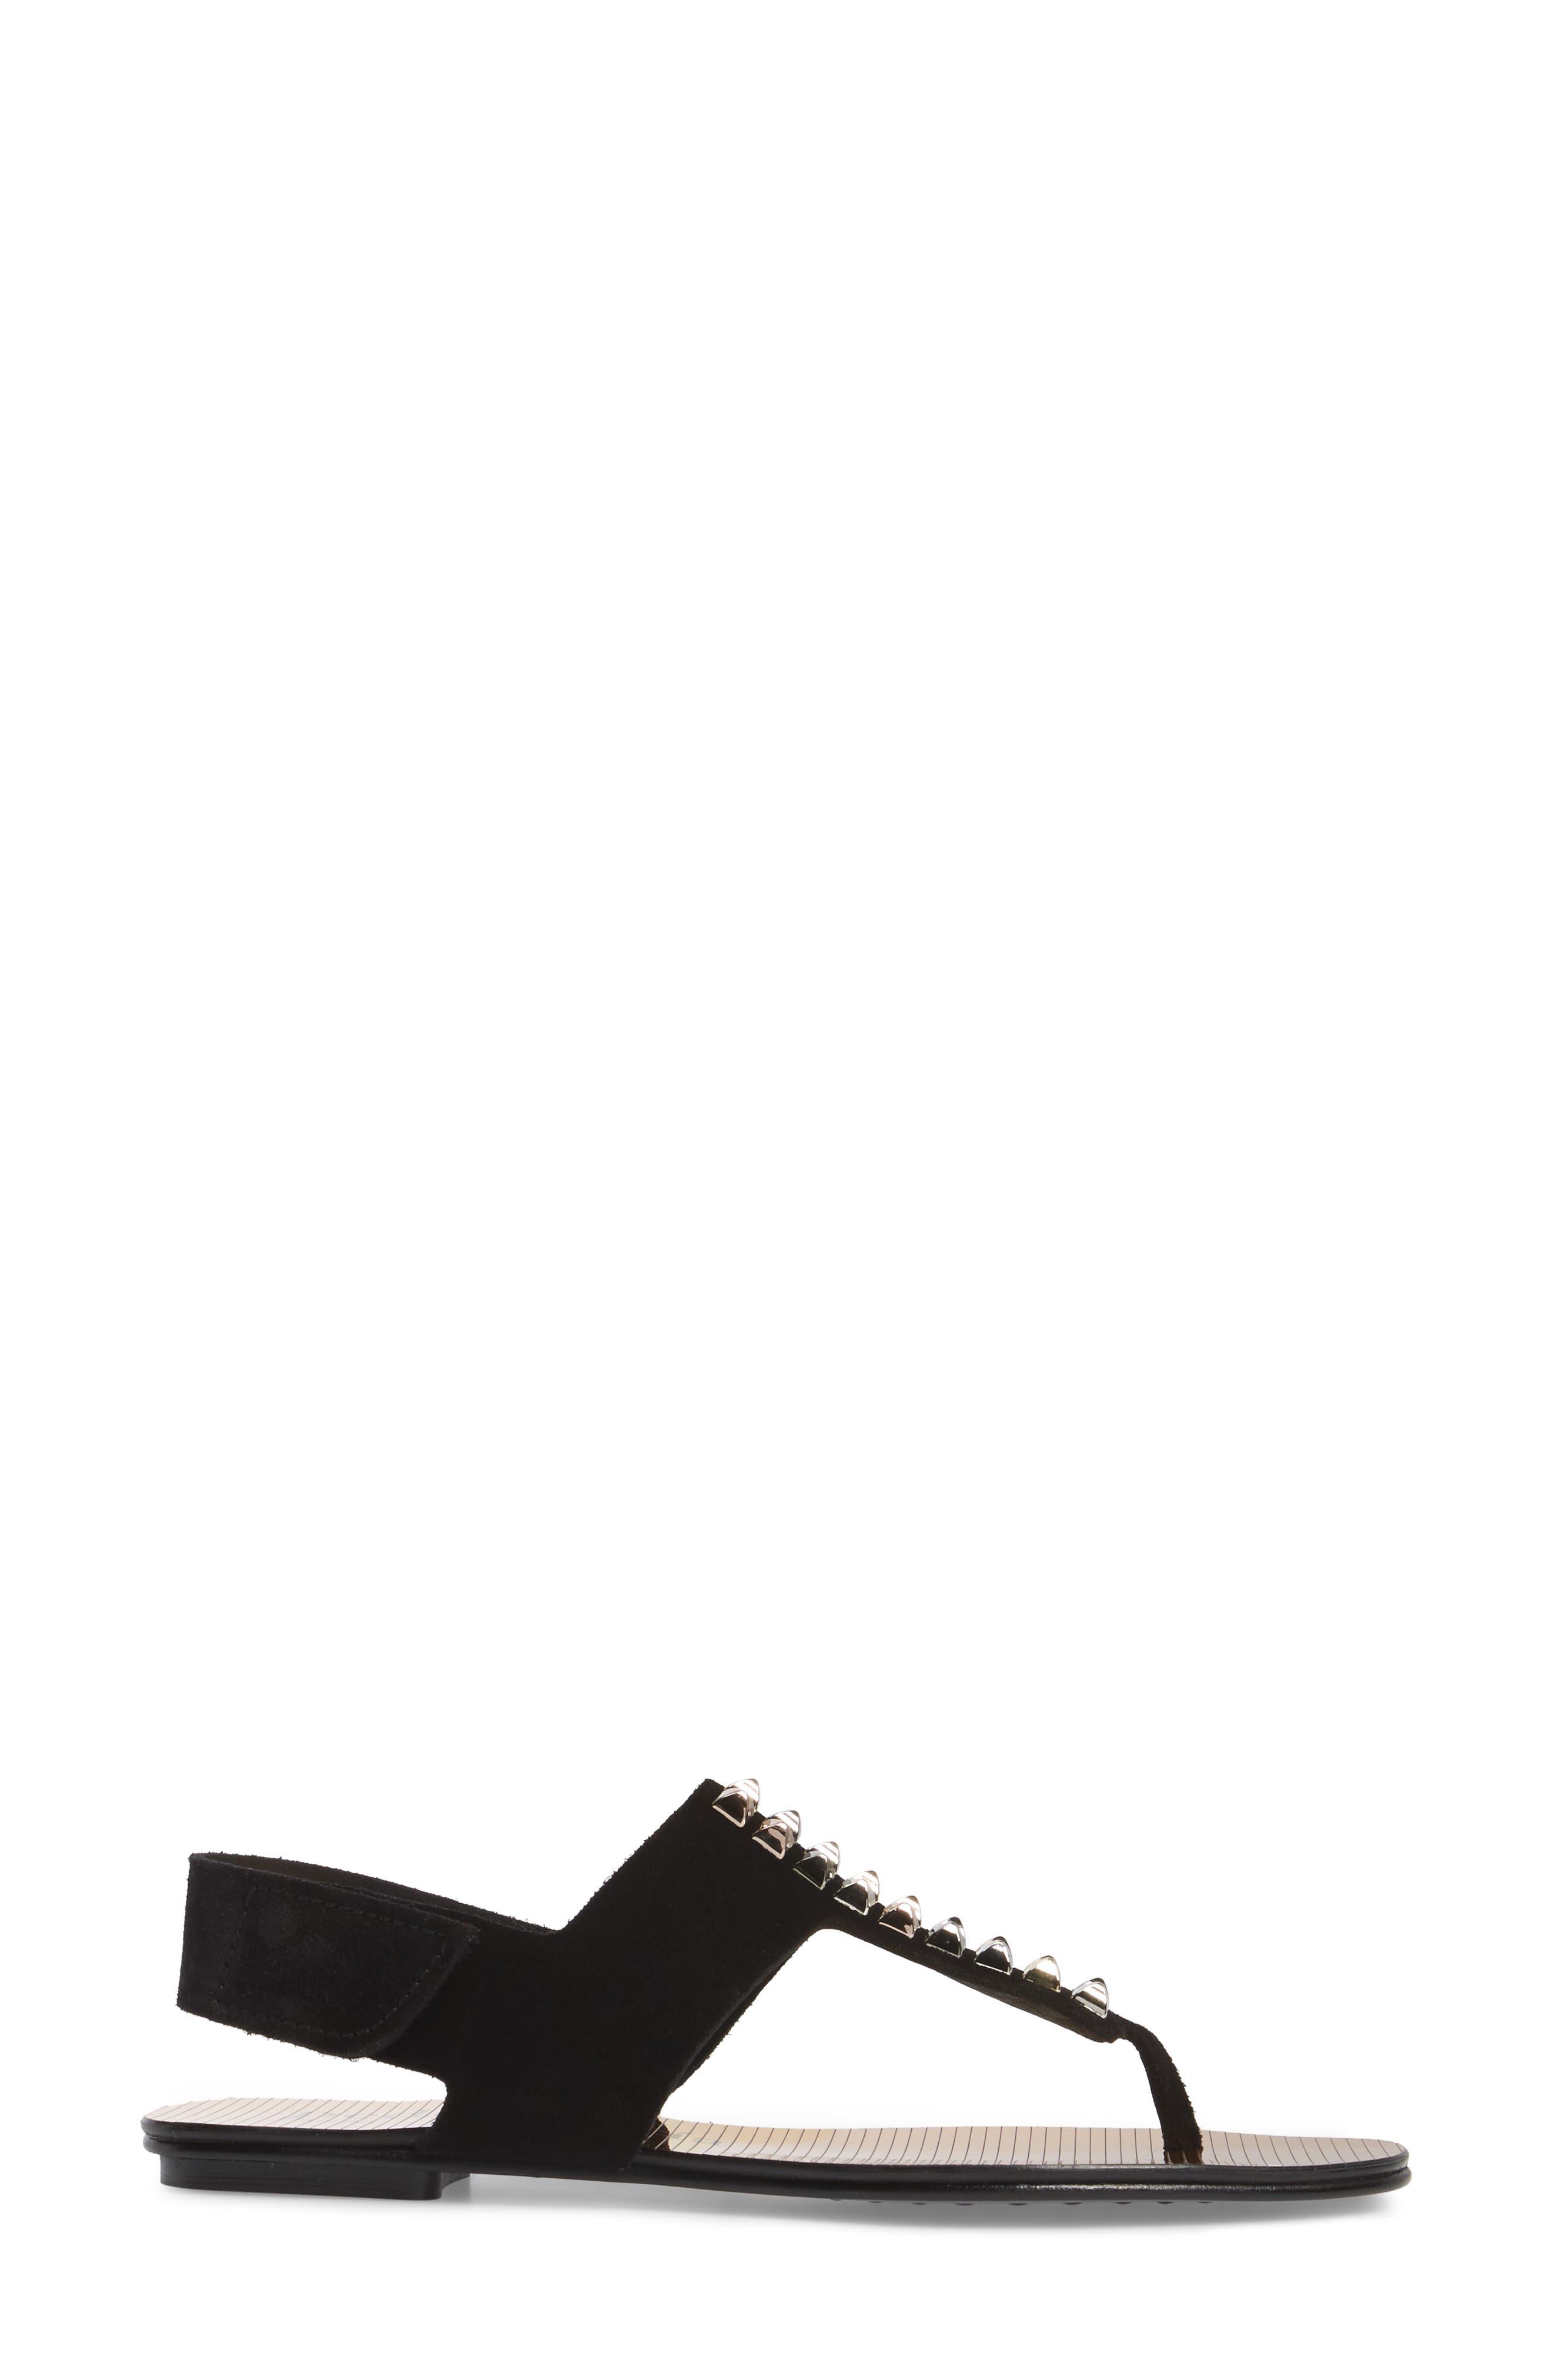 Enid Studded T-Strap Sandal,                             Alternate thumbnail 3, color,                             Black Castoro/ Gold